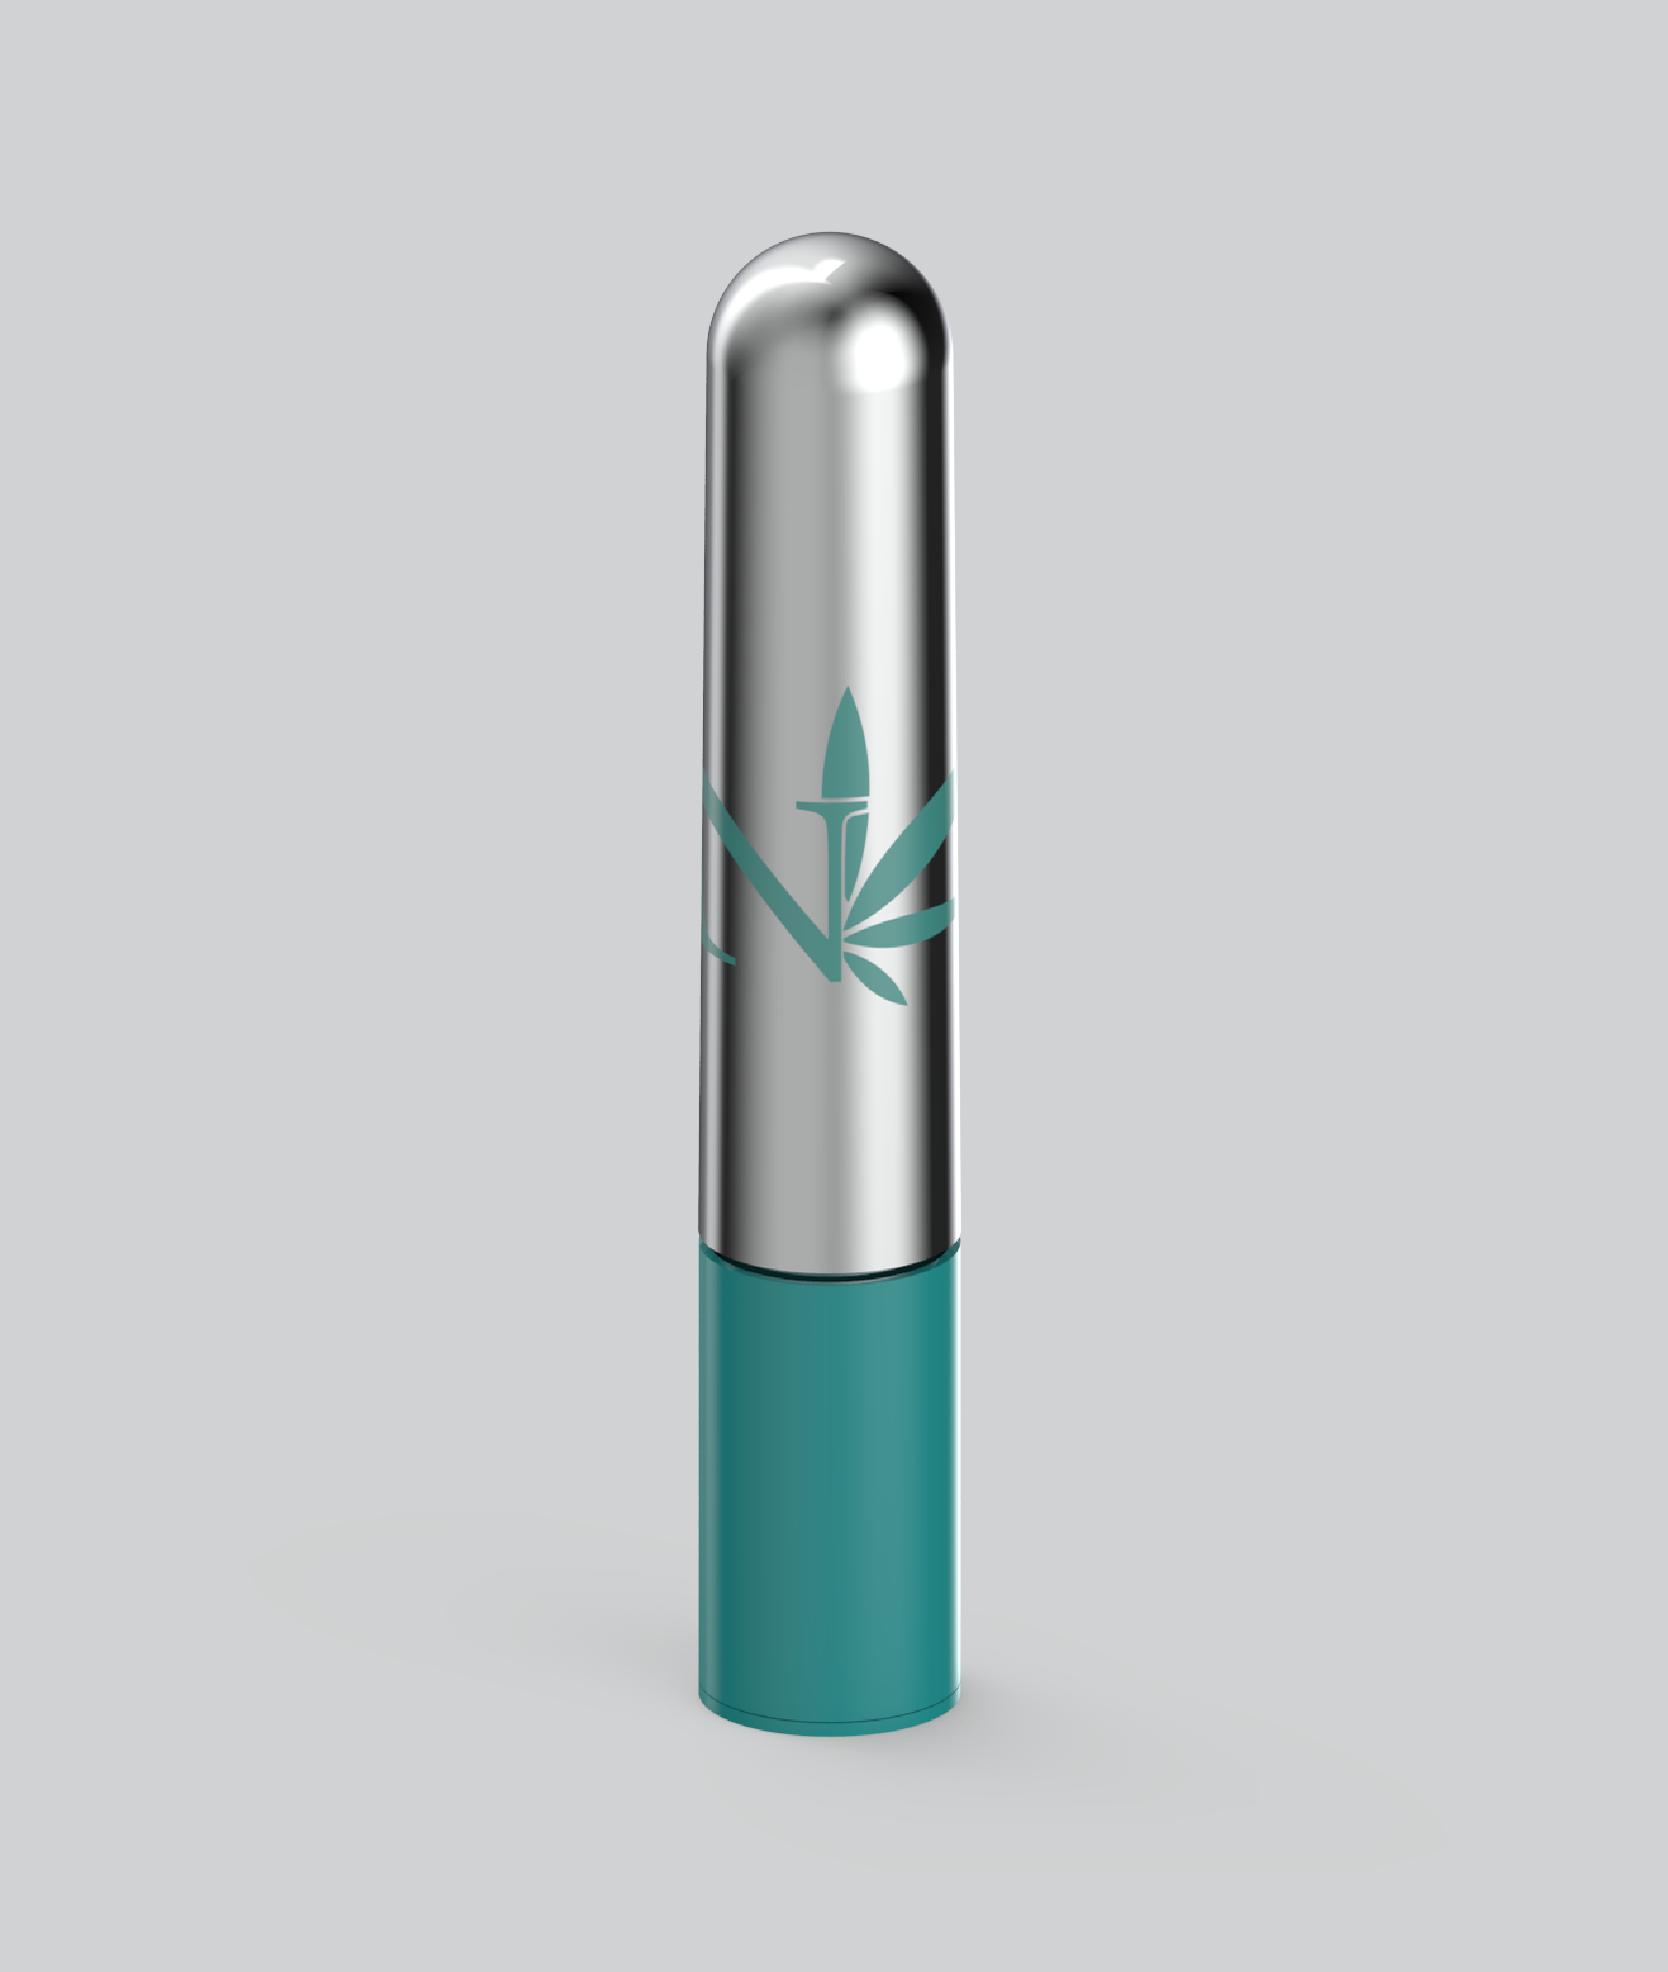 nleaf-custom-five10-cartridge-tube